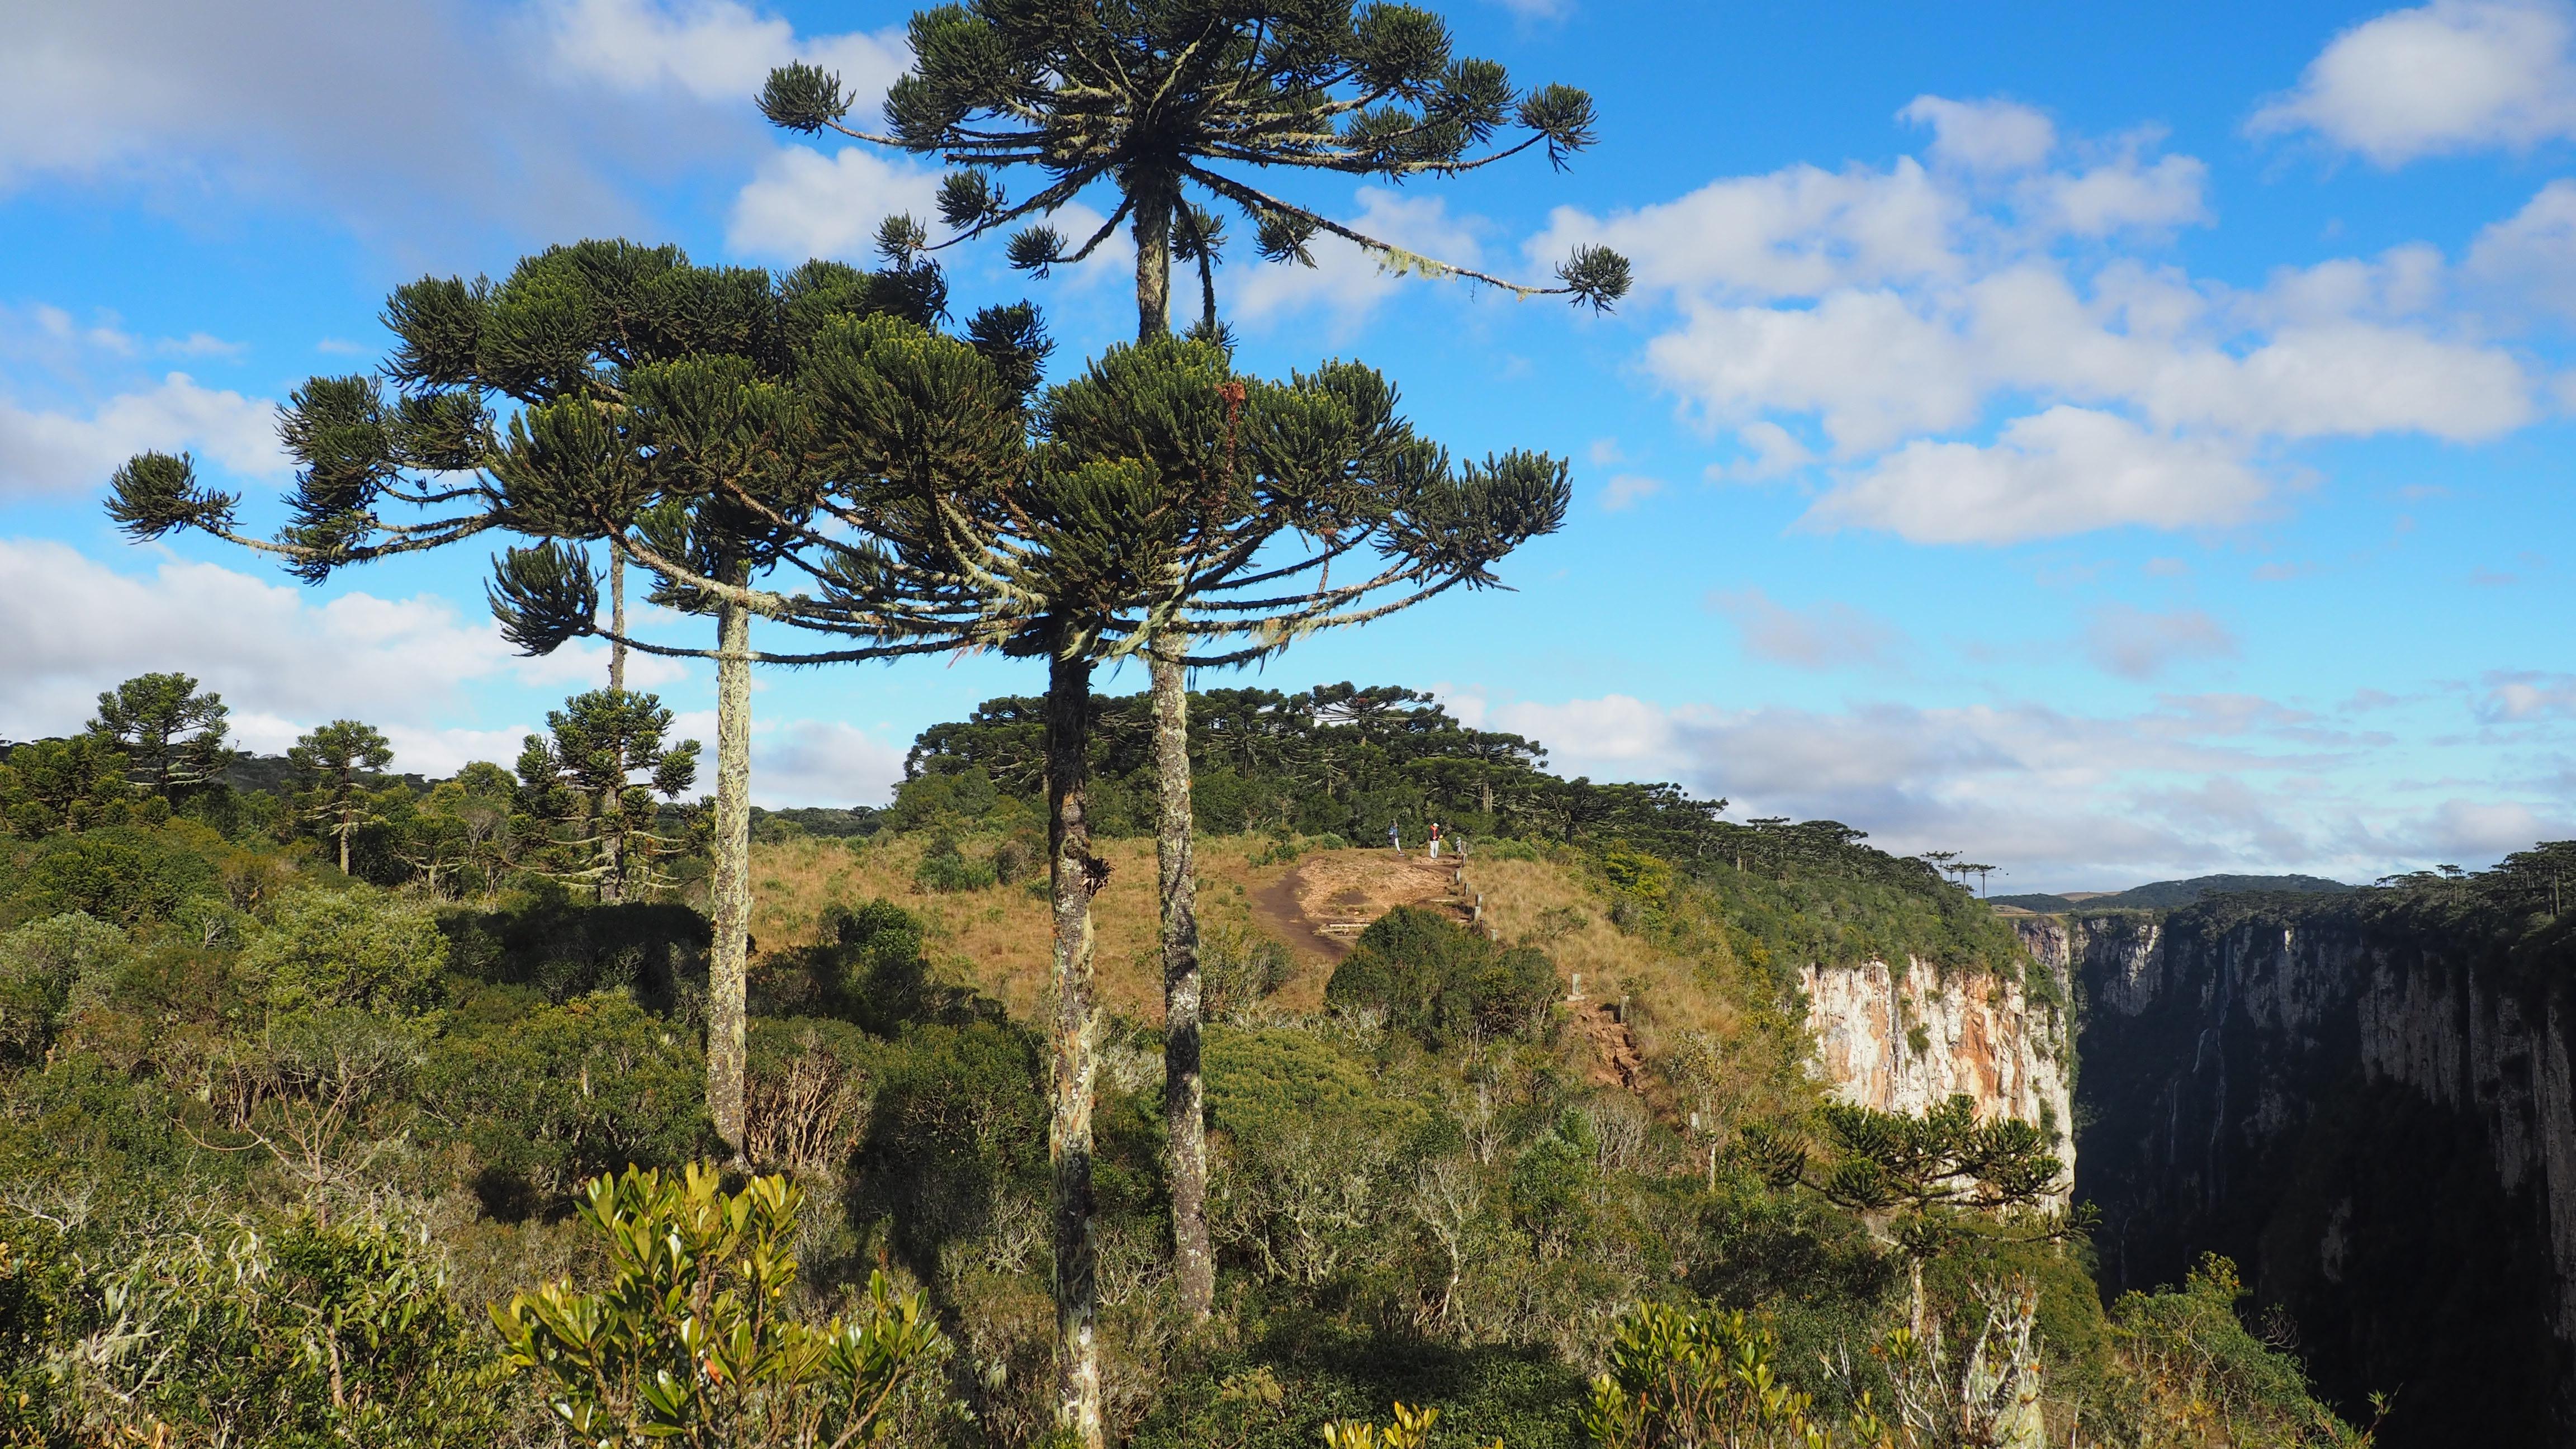 qué ver en el Cañón de Itaimbezinho, pinos de araucaria en el borde del cañón